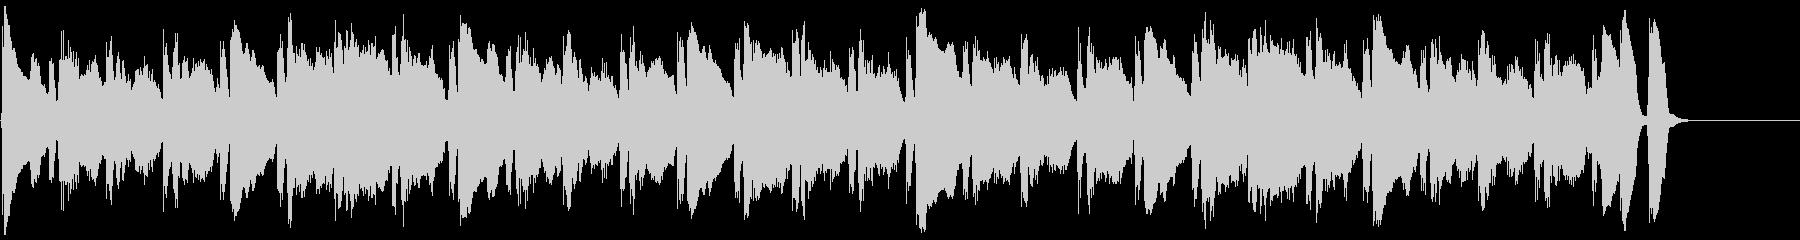 動画広告 30秒 フルートB 日常の未再生の波形